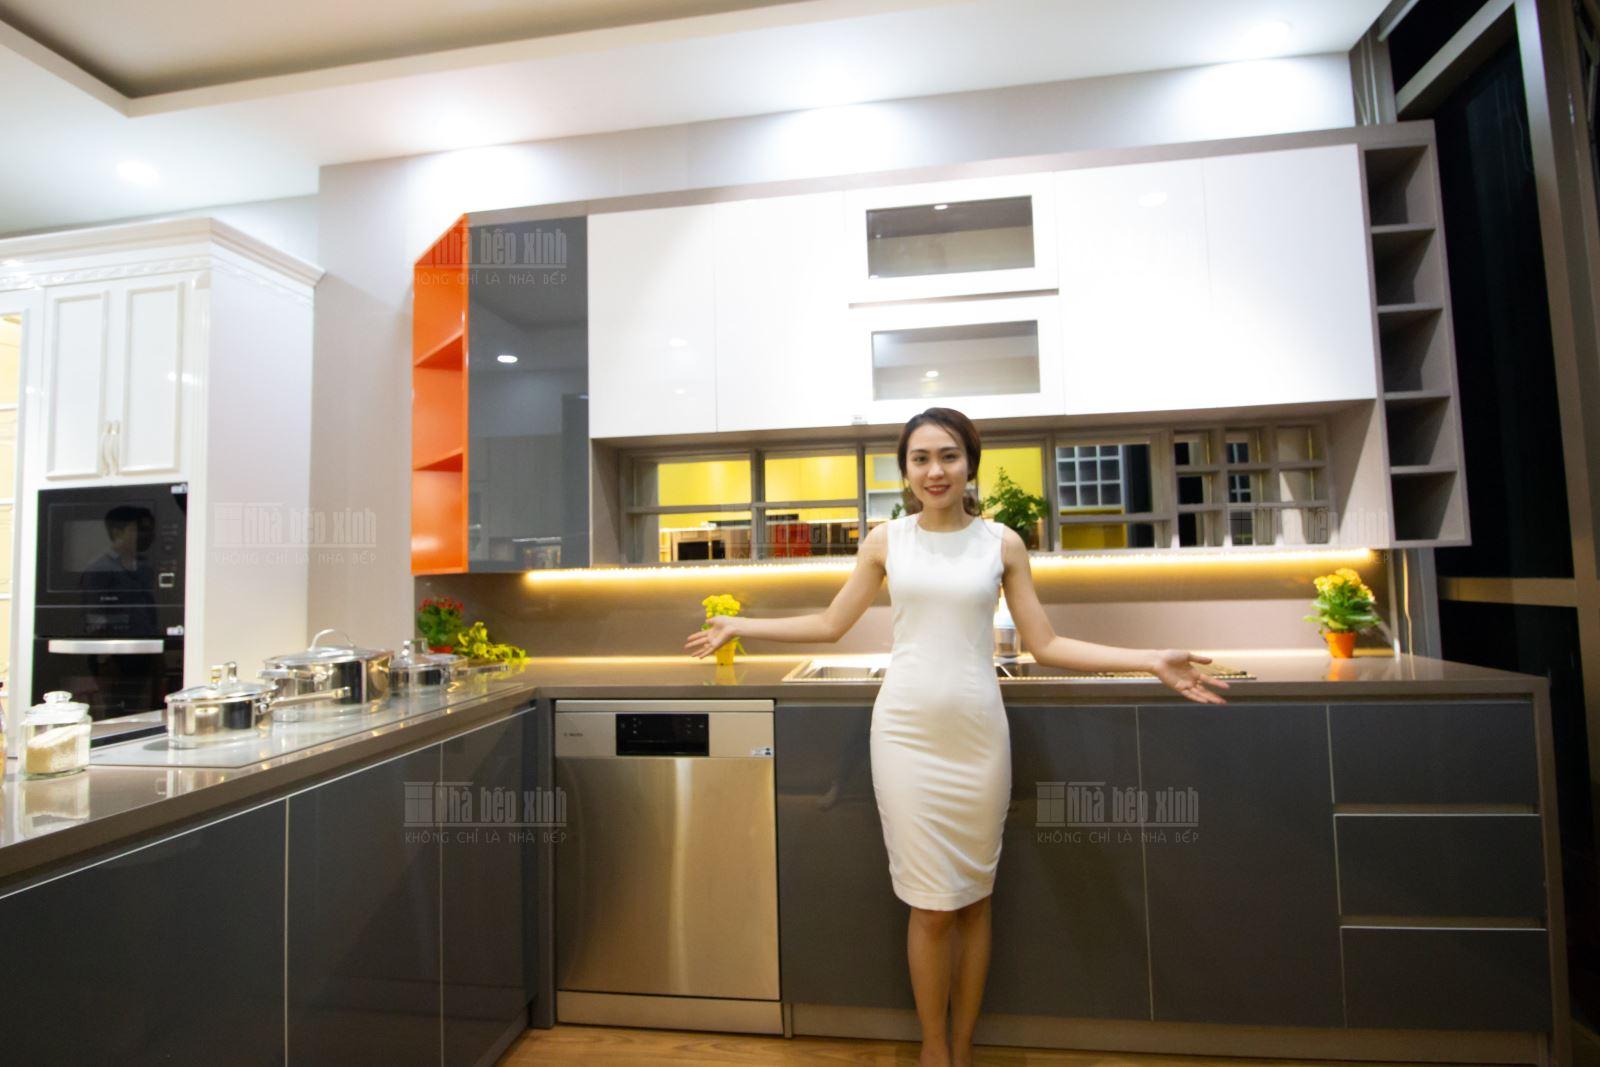 Mời khách hàng tham quan showroom tủ bếp của Nhà Bếp Xinh